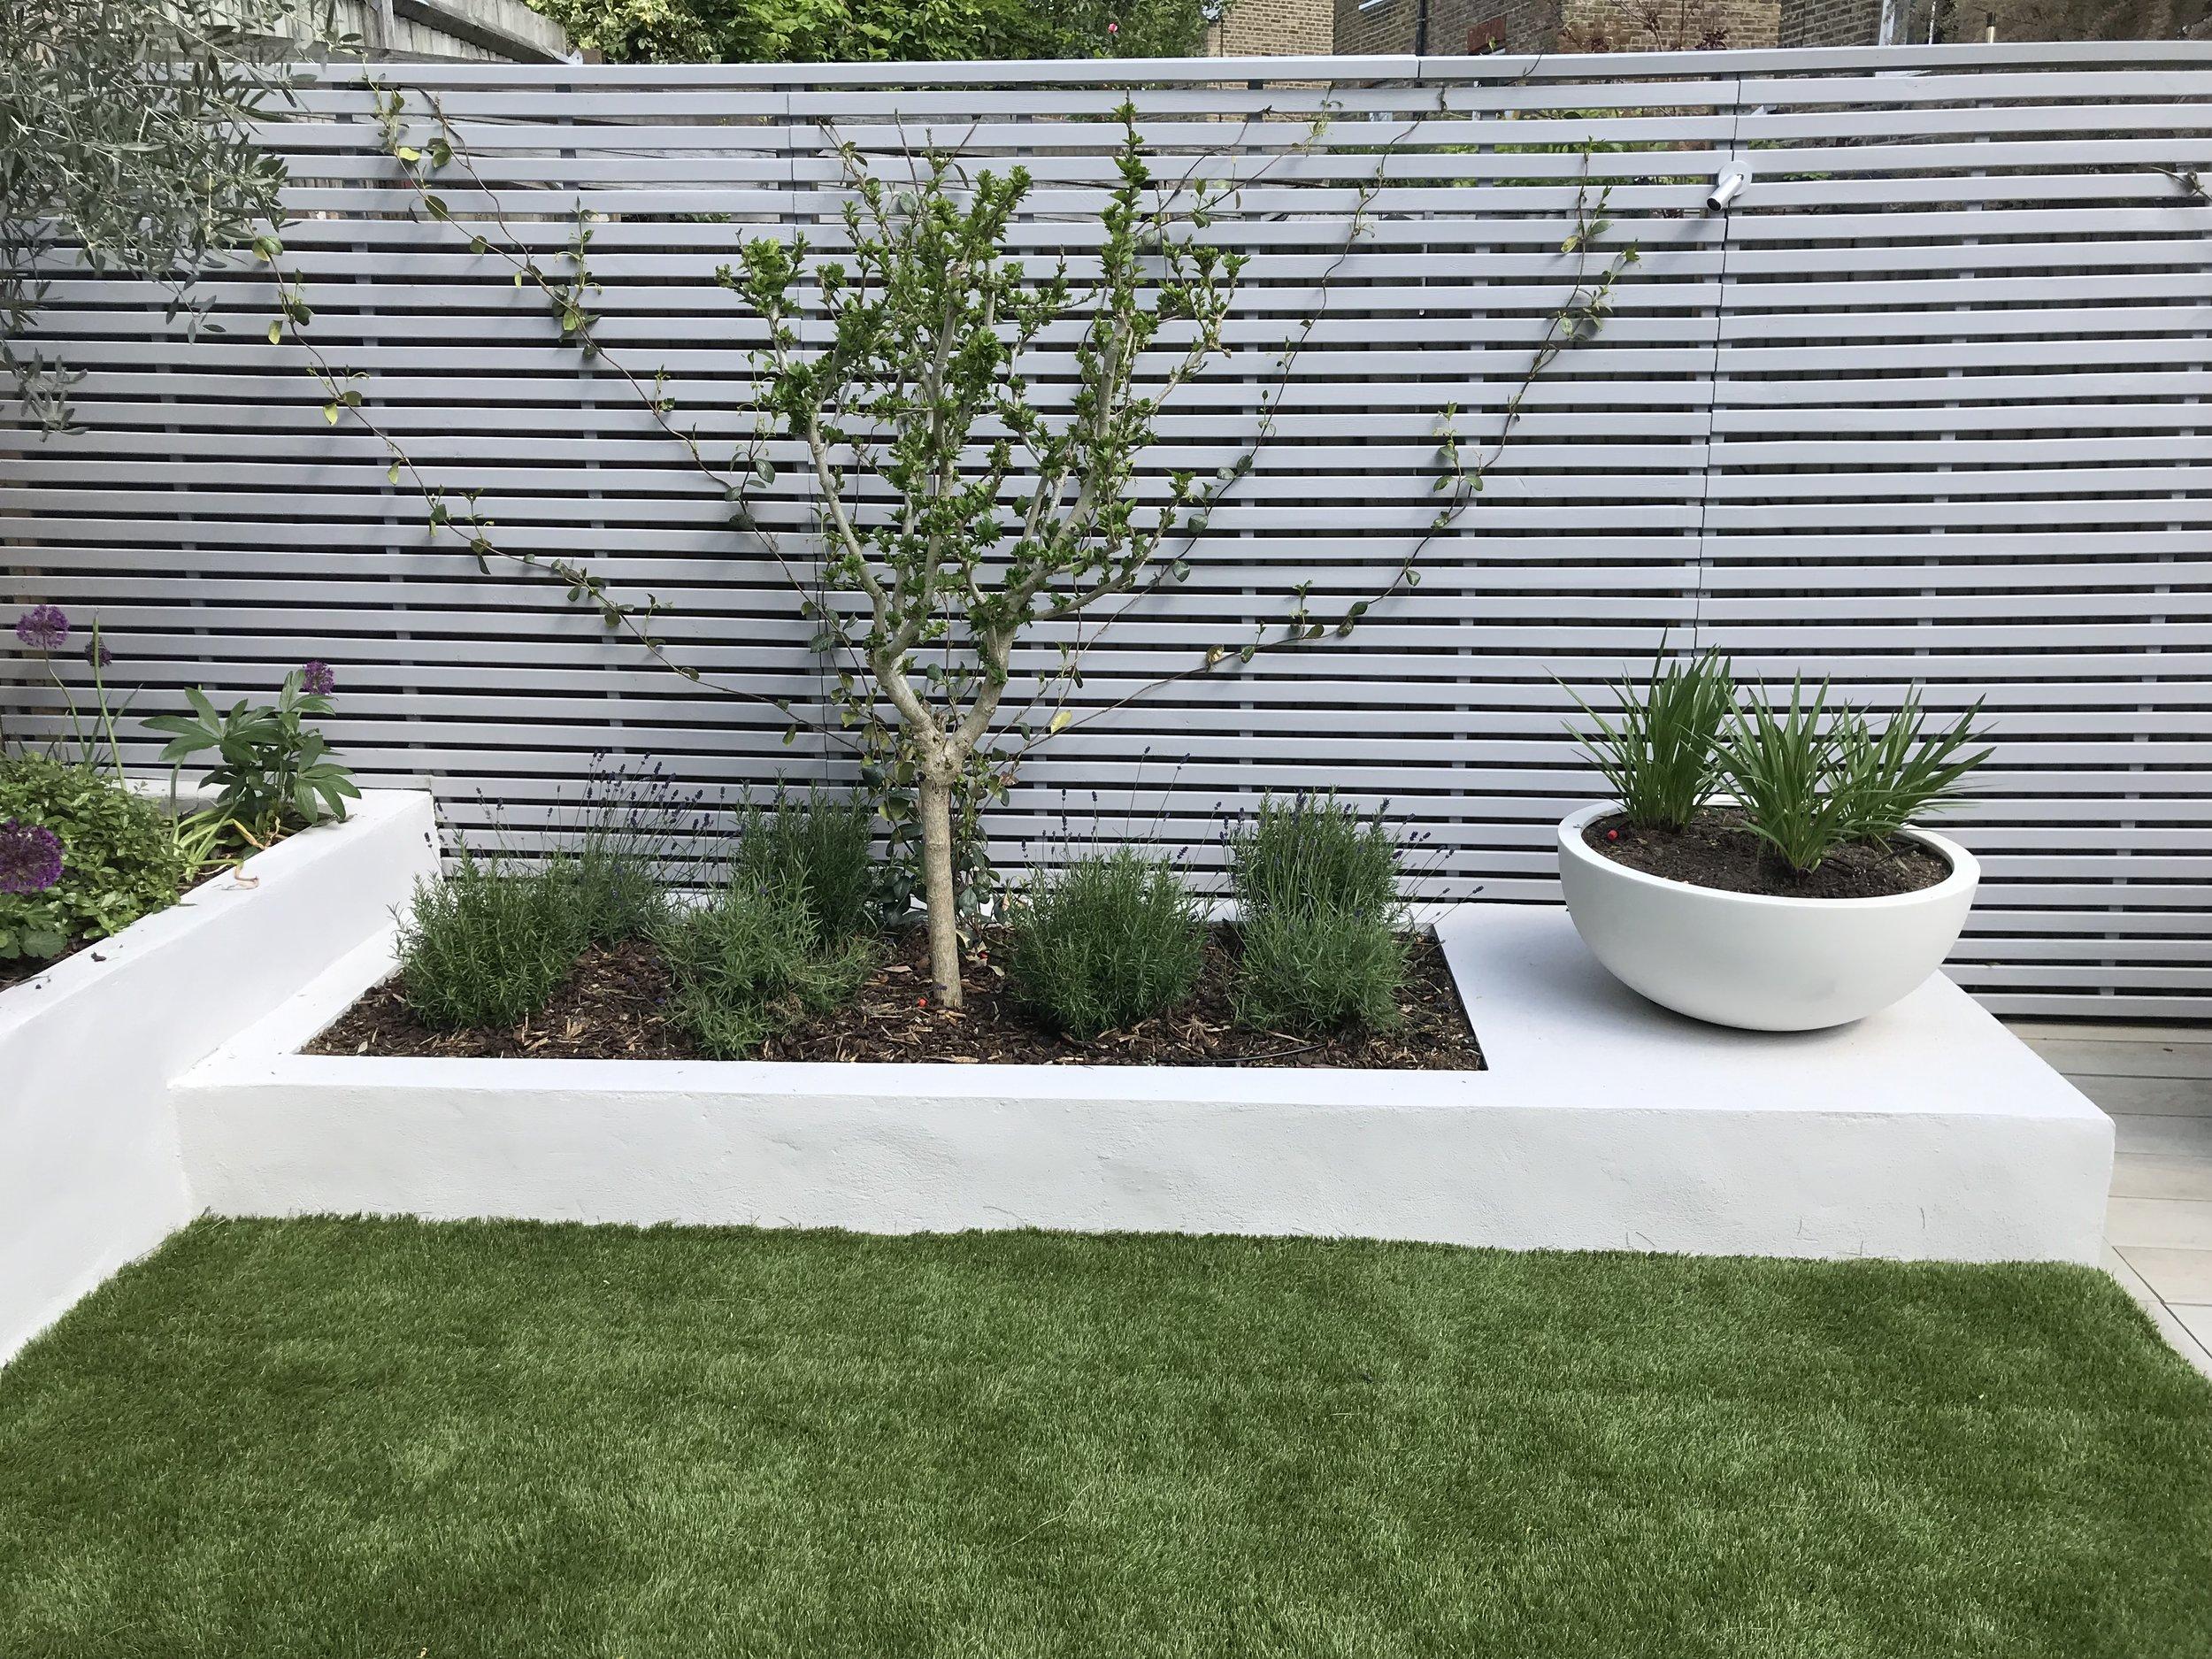 joanna_archer_garden_design_small_family_gardenW4_e.jpg